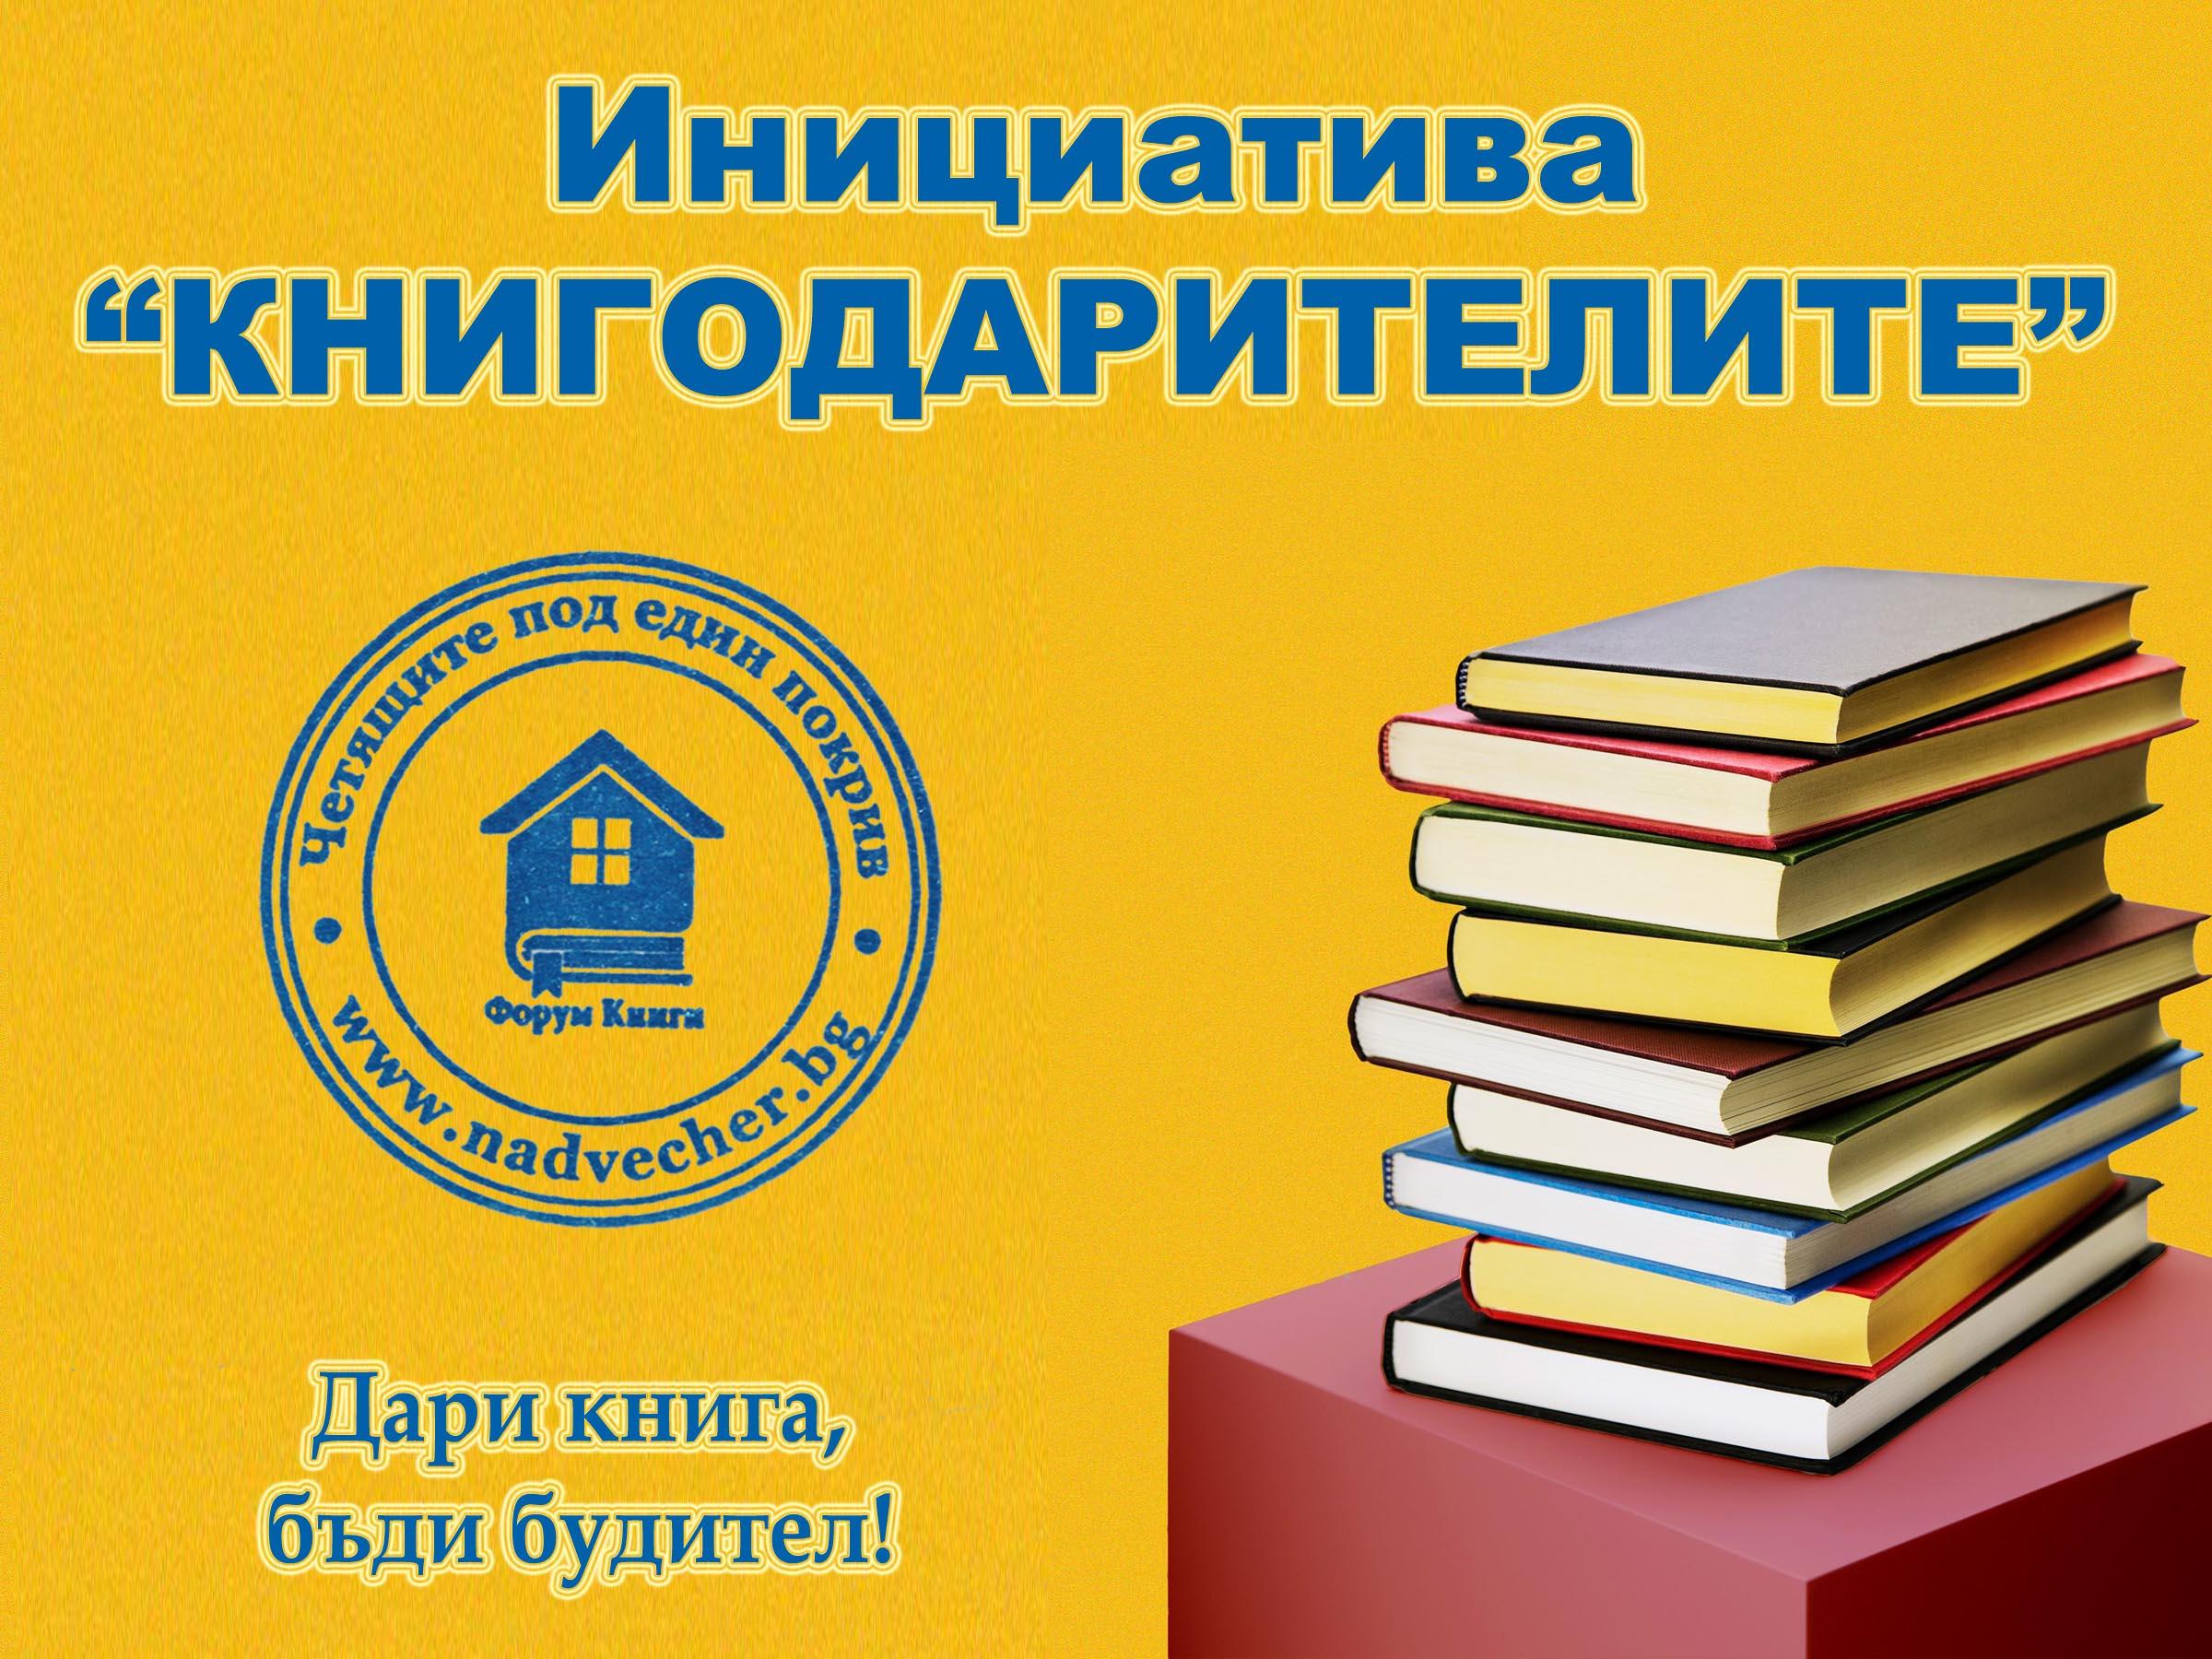 """Включи се в инициативата """"Книгодарителите"""" – """"Дари книга на българско читалище, бъди будител"""""""